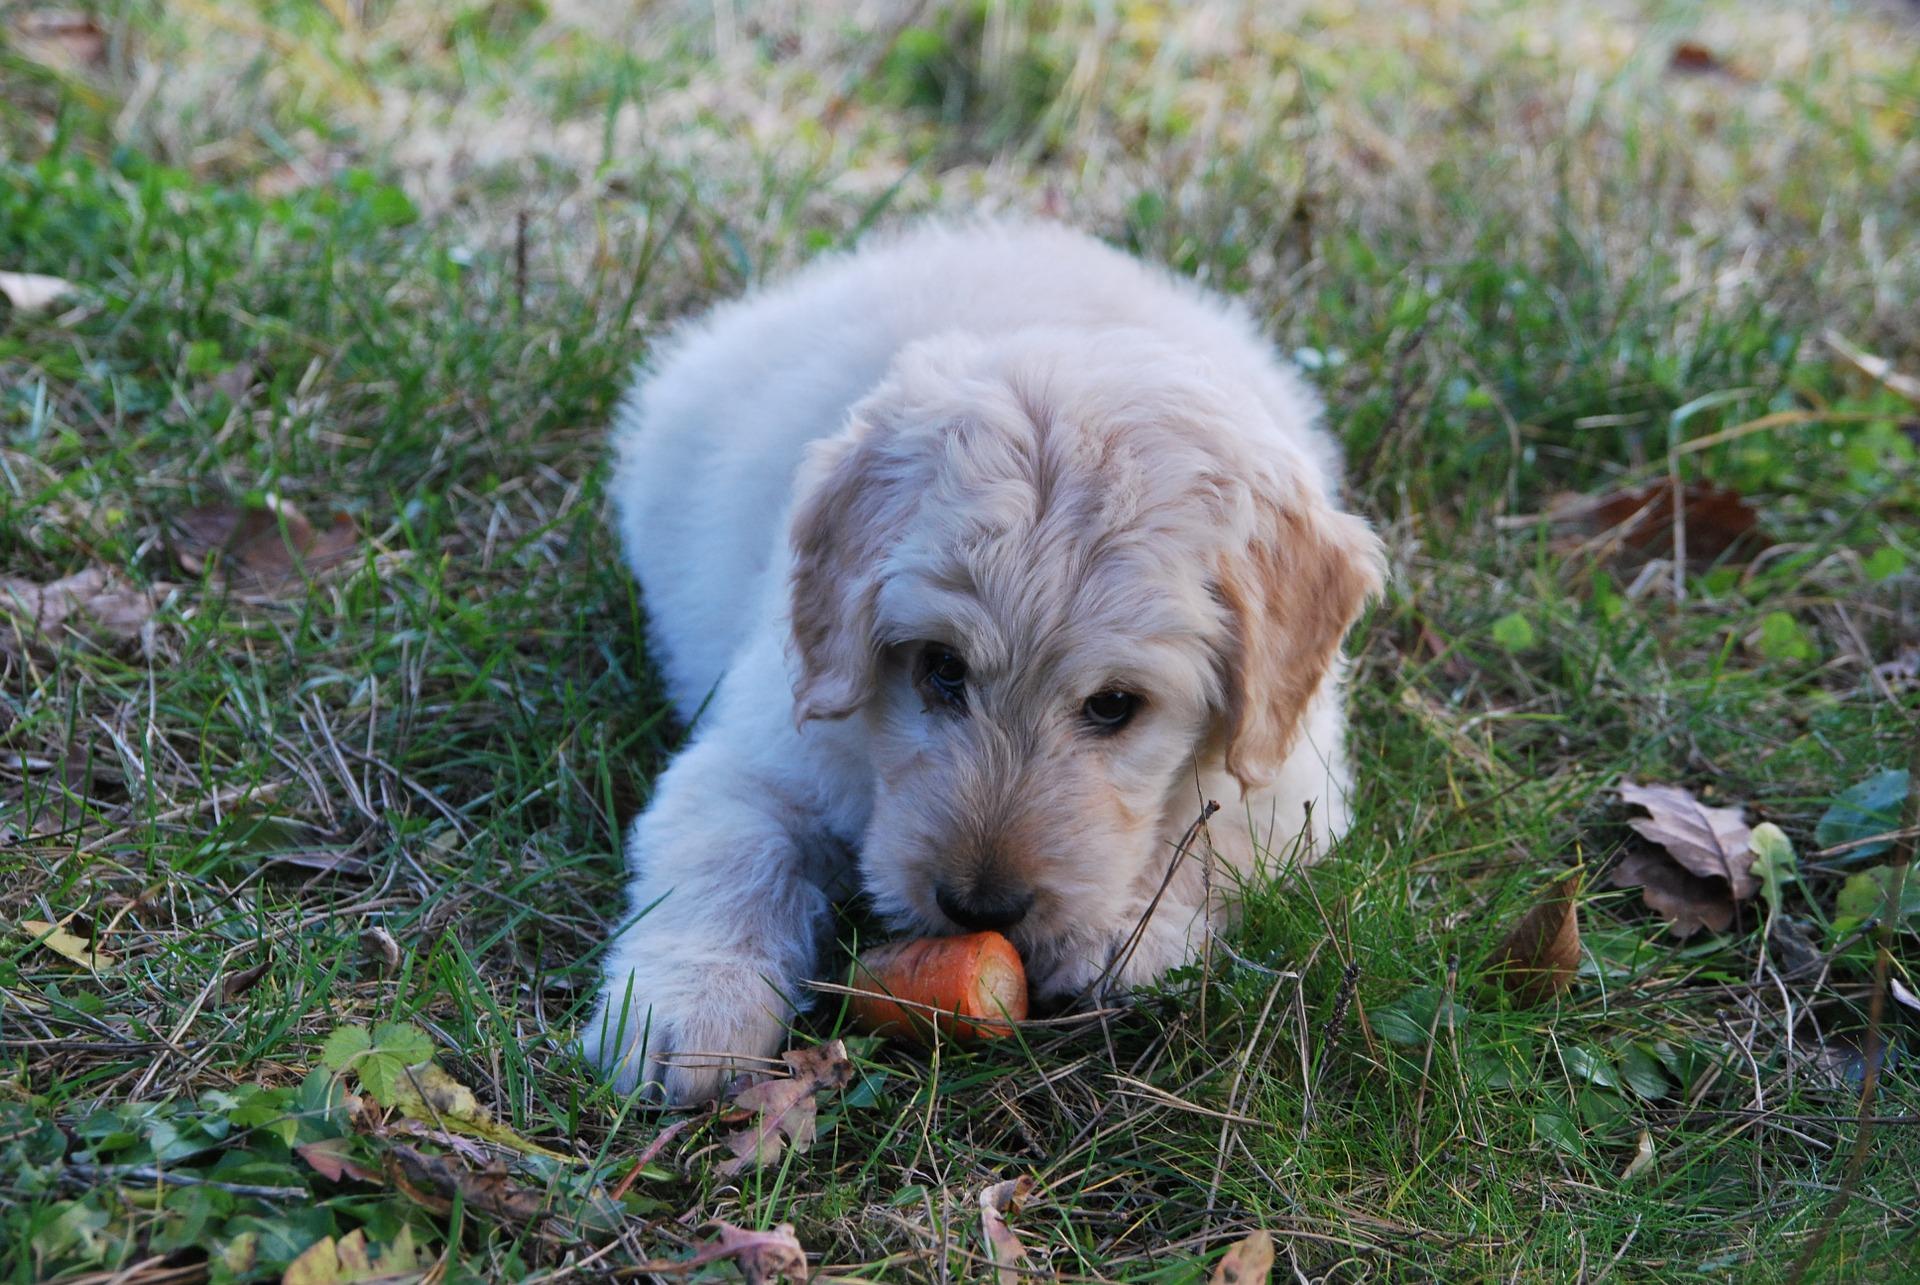 Populaire Cosa devono mangiare cani e gatti d'estate DL81